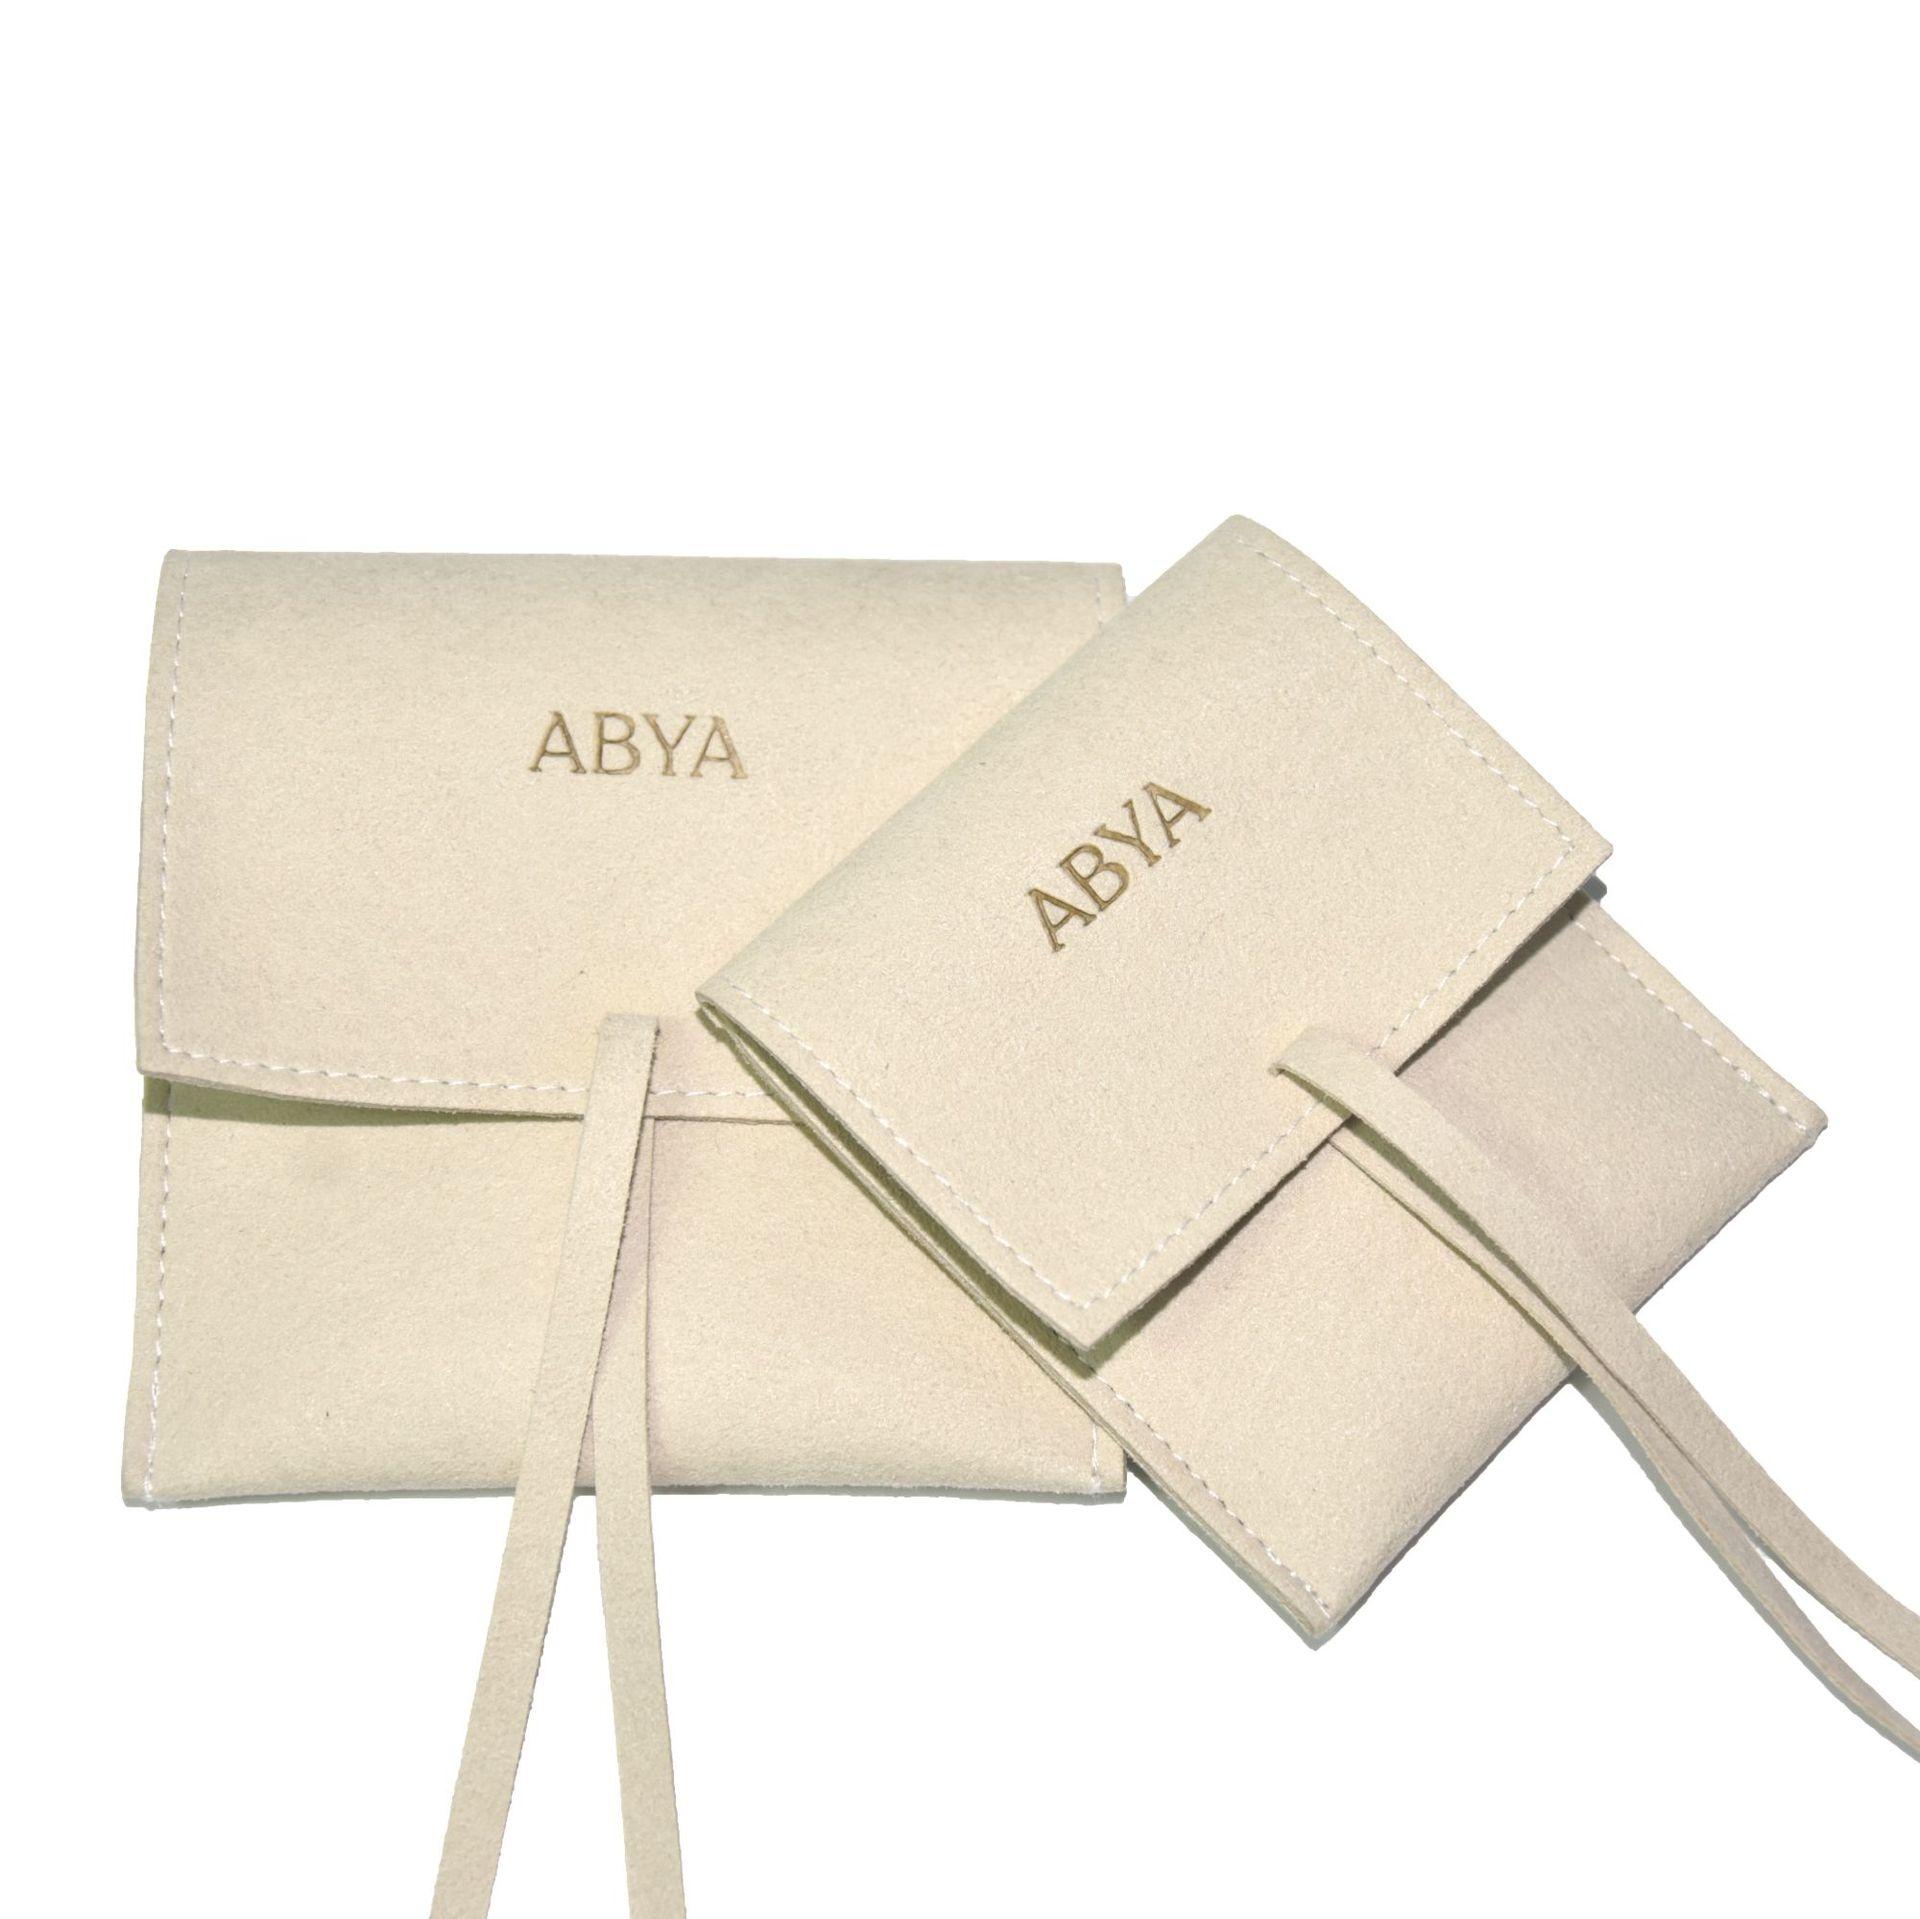 2020 مخصص منخفضة موك الفاخرة أضعاف صغيرة من جلد الغزال حقيبة هدايا مخملية الملمس المغلف الحقيبة حقيبة مجوهرات الأزياء مع الرباط والجلود